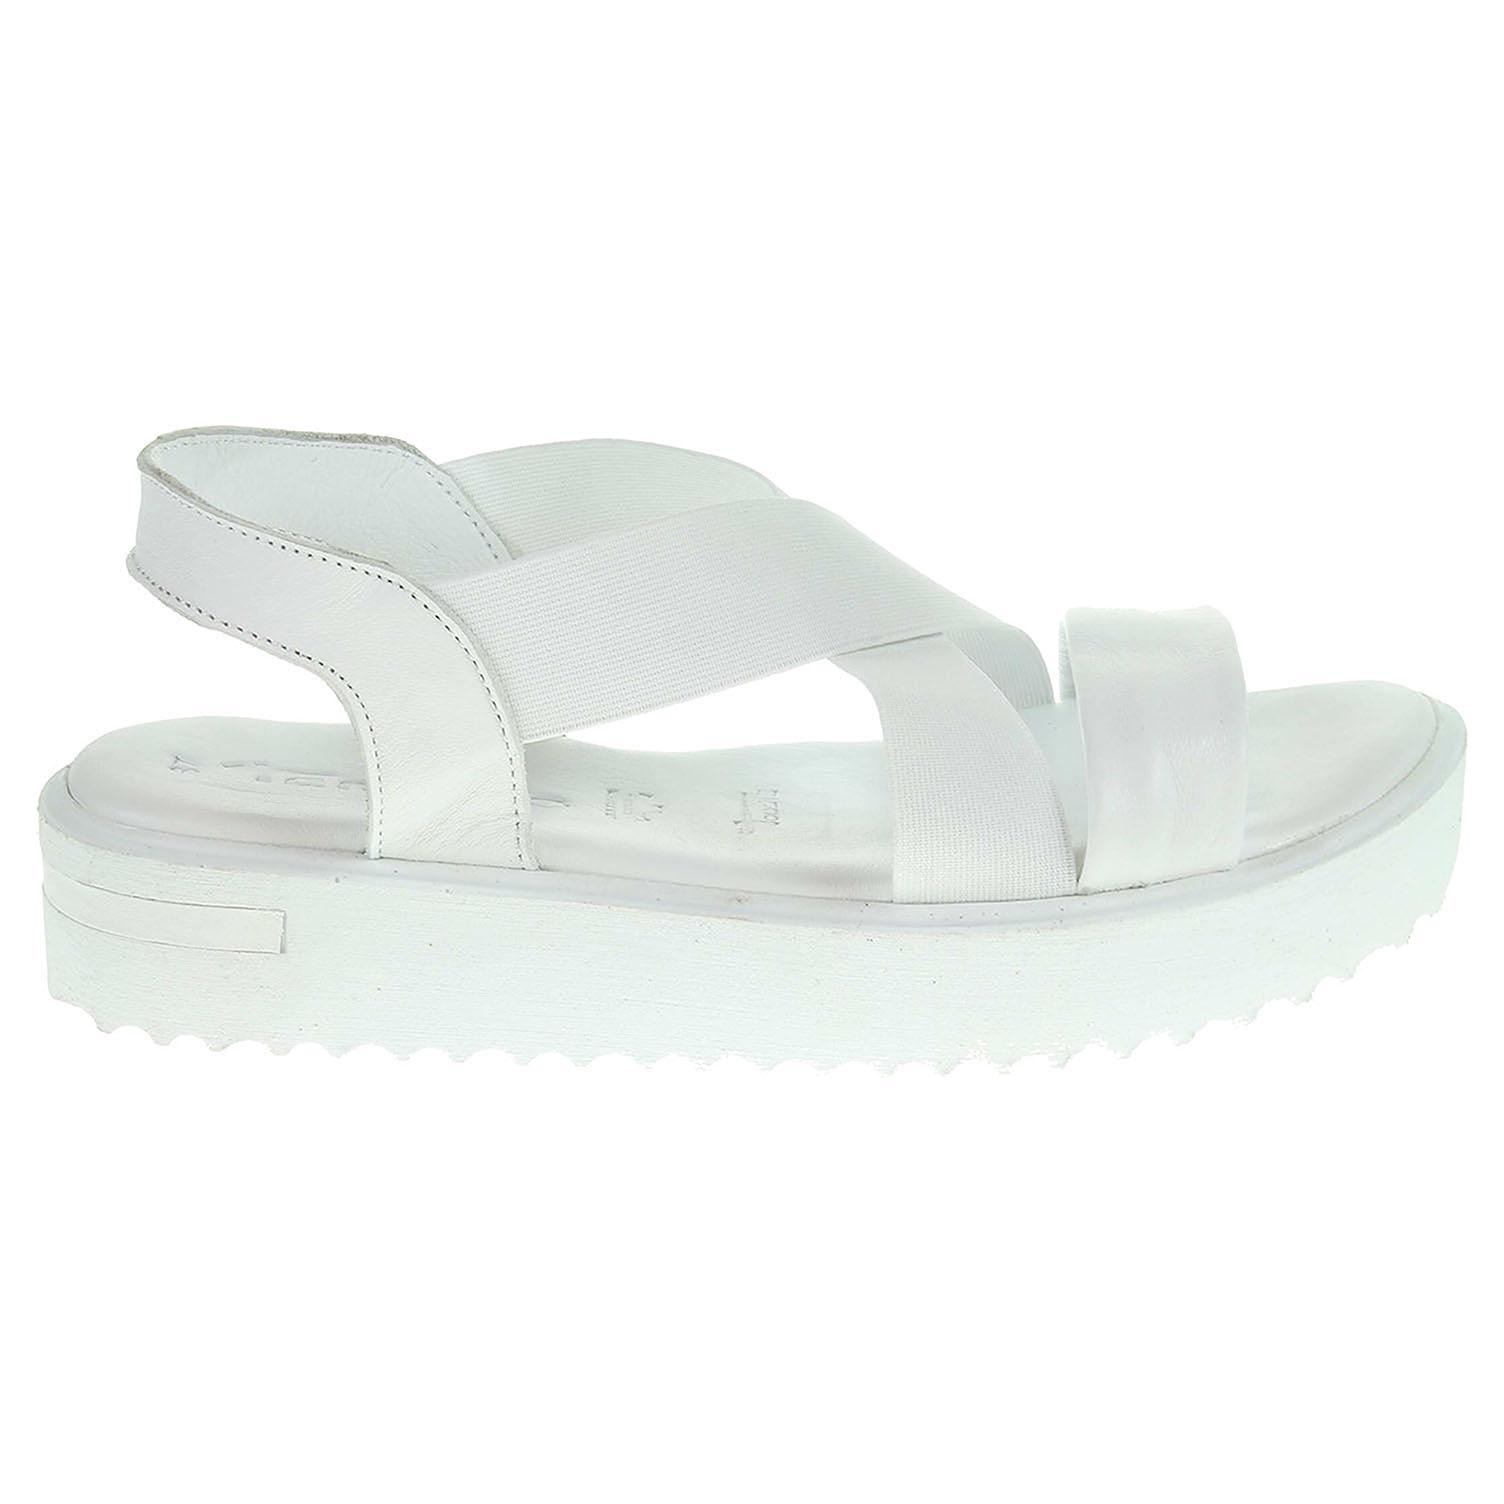 Ecco Tamaris dámské sandály 1-28219-38 bílé 23801178